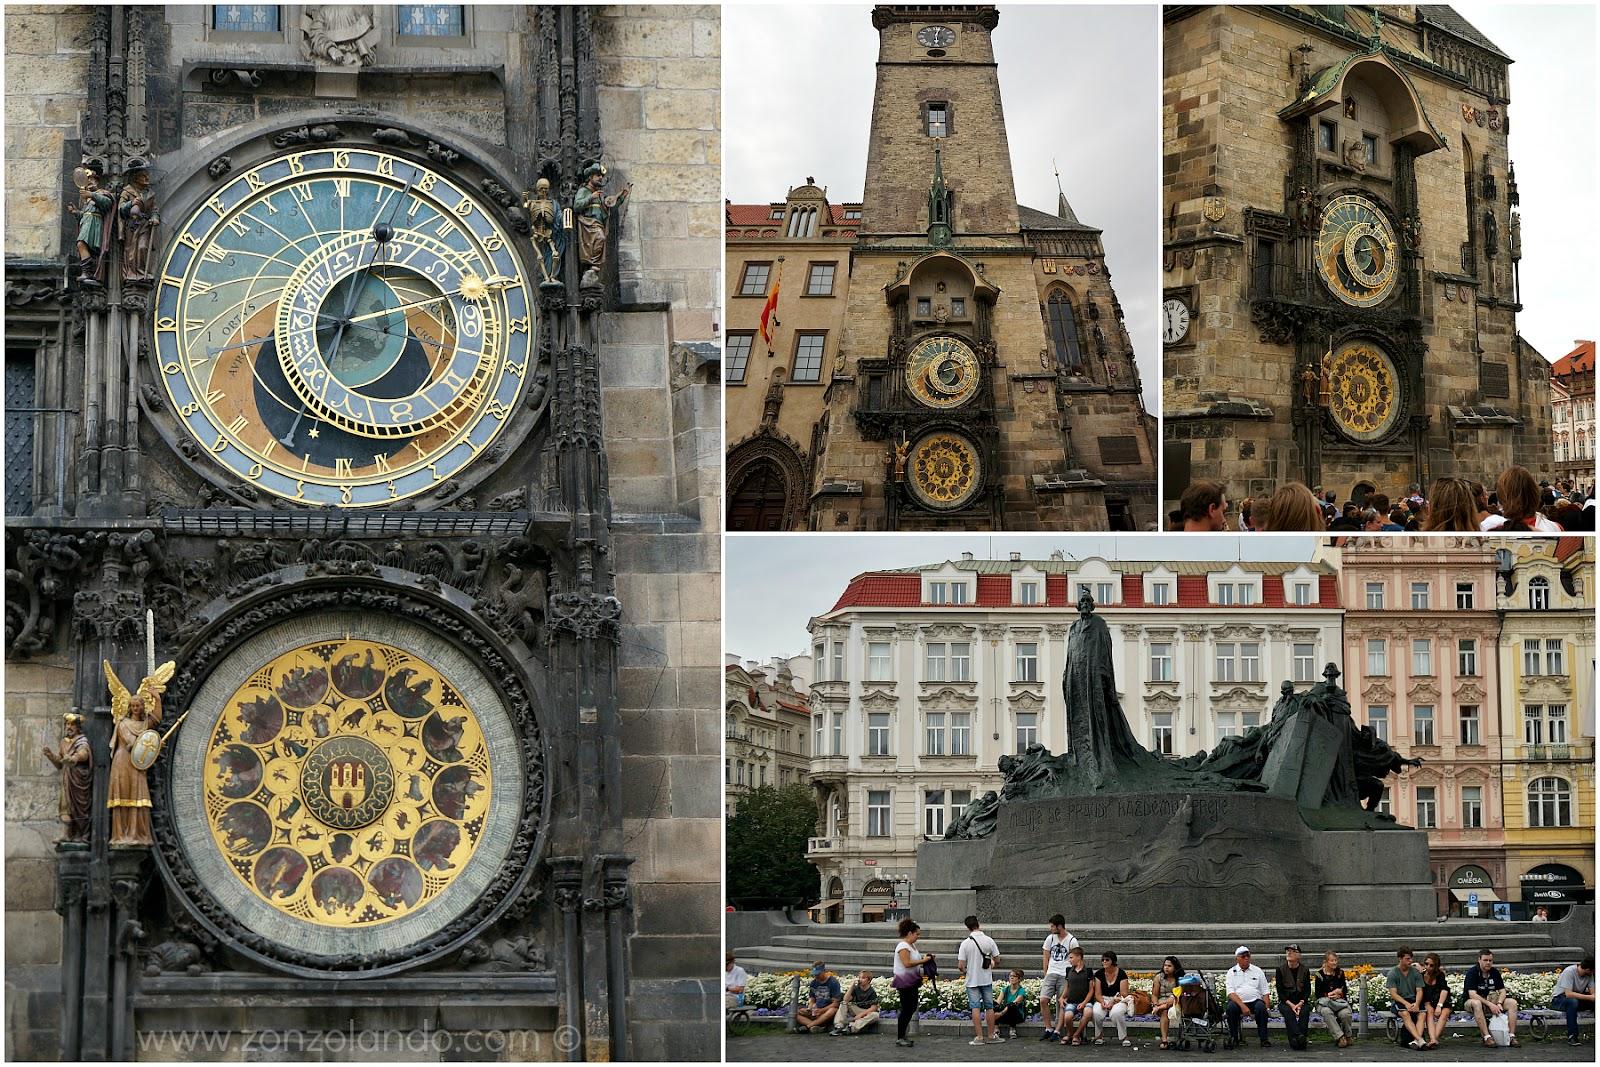 Cosa fare e vedere a Praga, viaggio in Repubblica Ceca, racconti e consigli utili - Visit Prague suggestions and tips